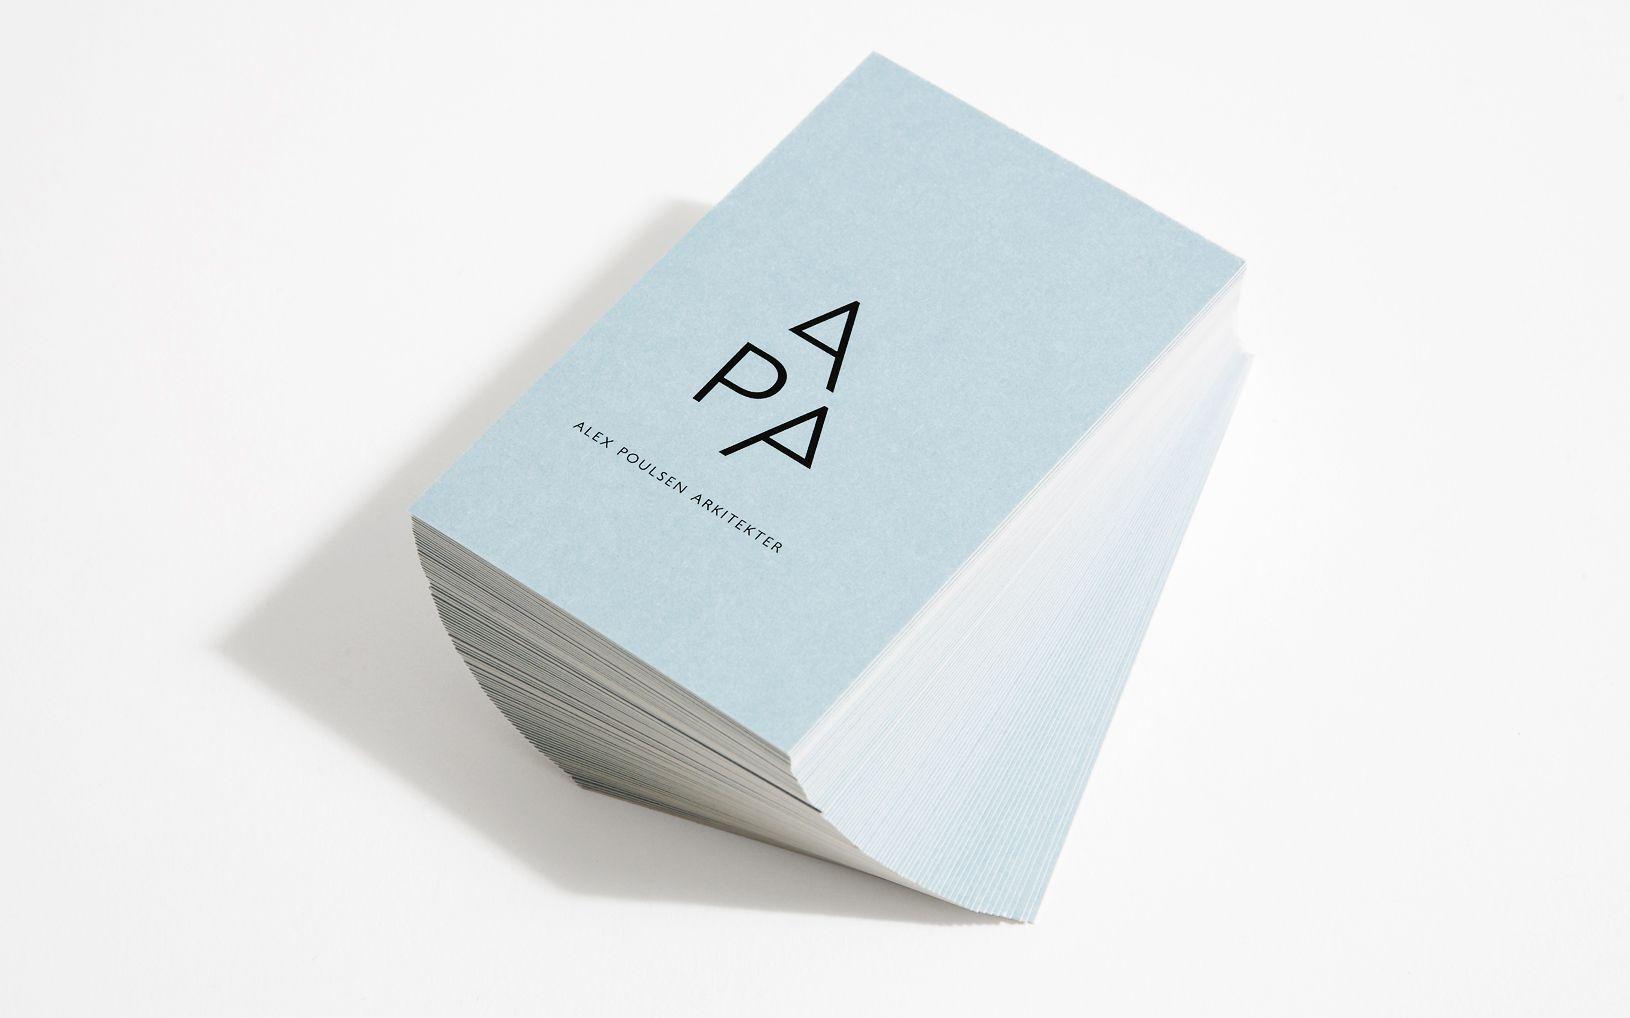 Alex Poulsen Architects business cards / Branding by Re-public a ...